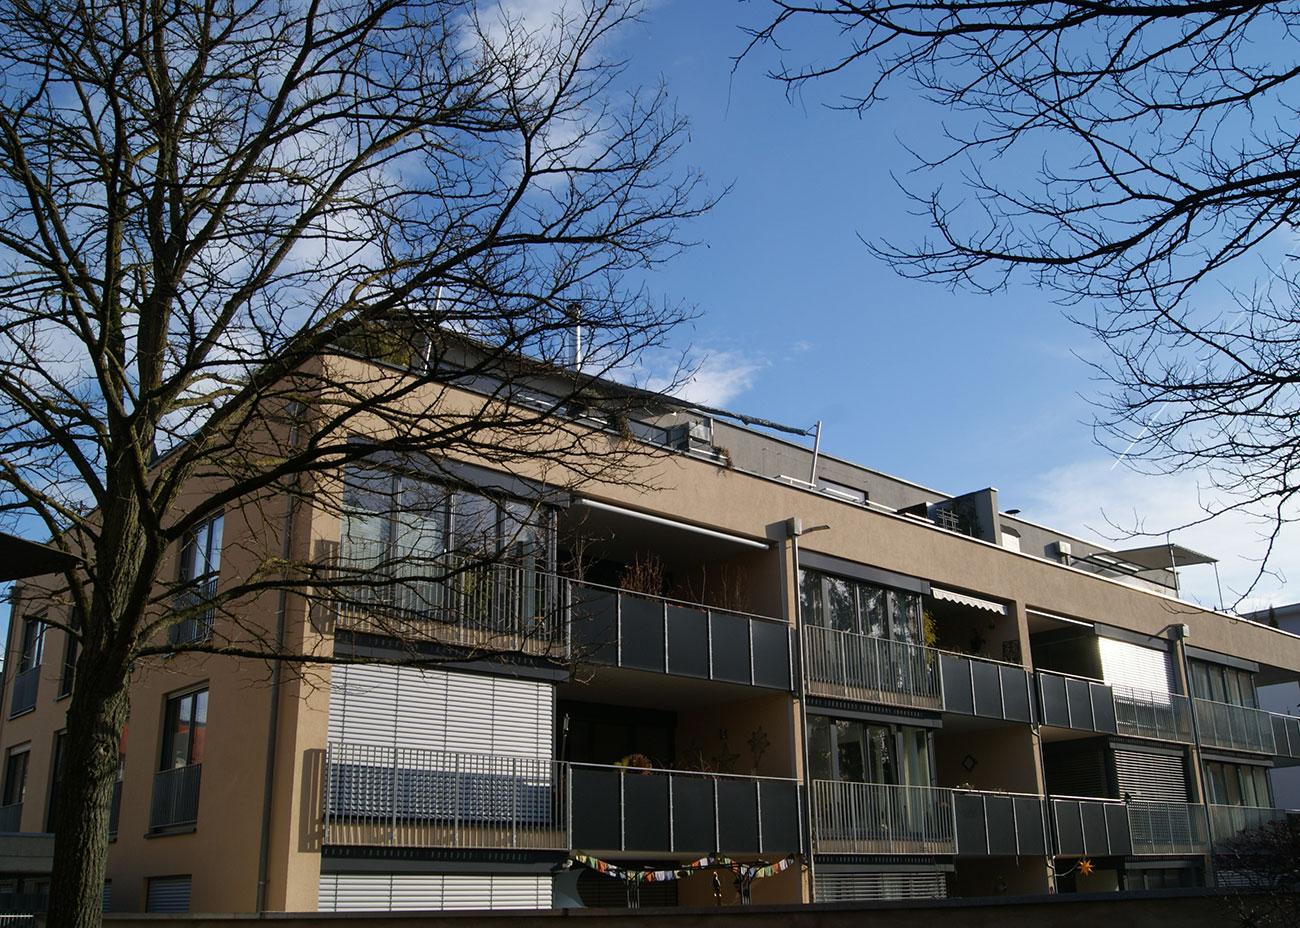 Neubau von zwei Mehrfamilienhäusern Emmishofer Strasse 3a-c, Konstanz